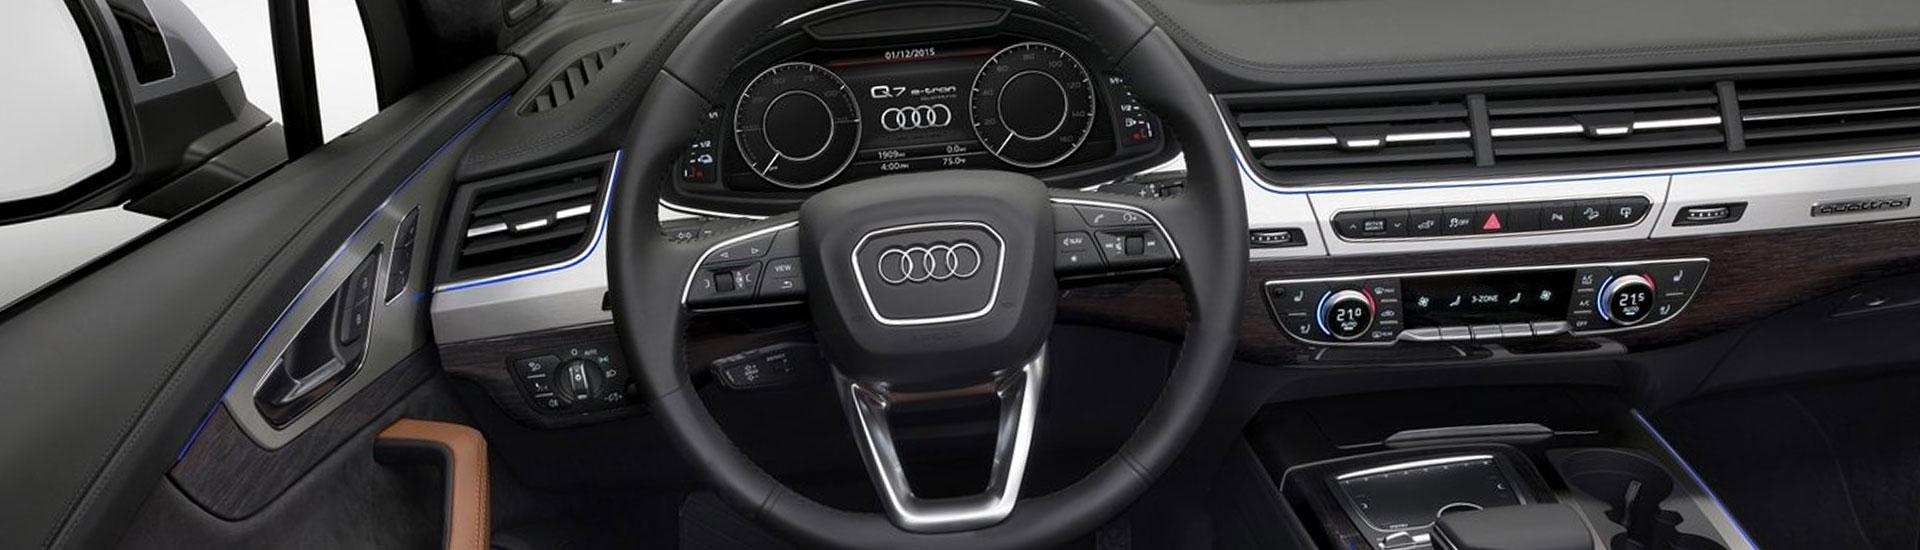 Audi Q7 Dash Kits Custom Audi Q7 Dash Kit